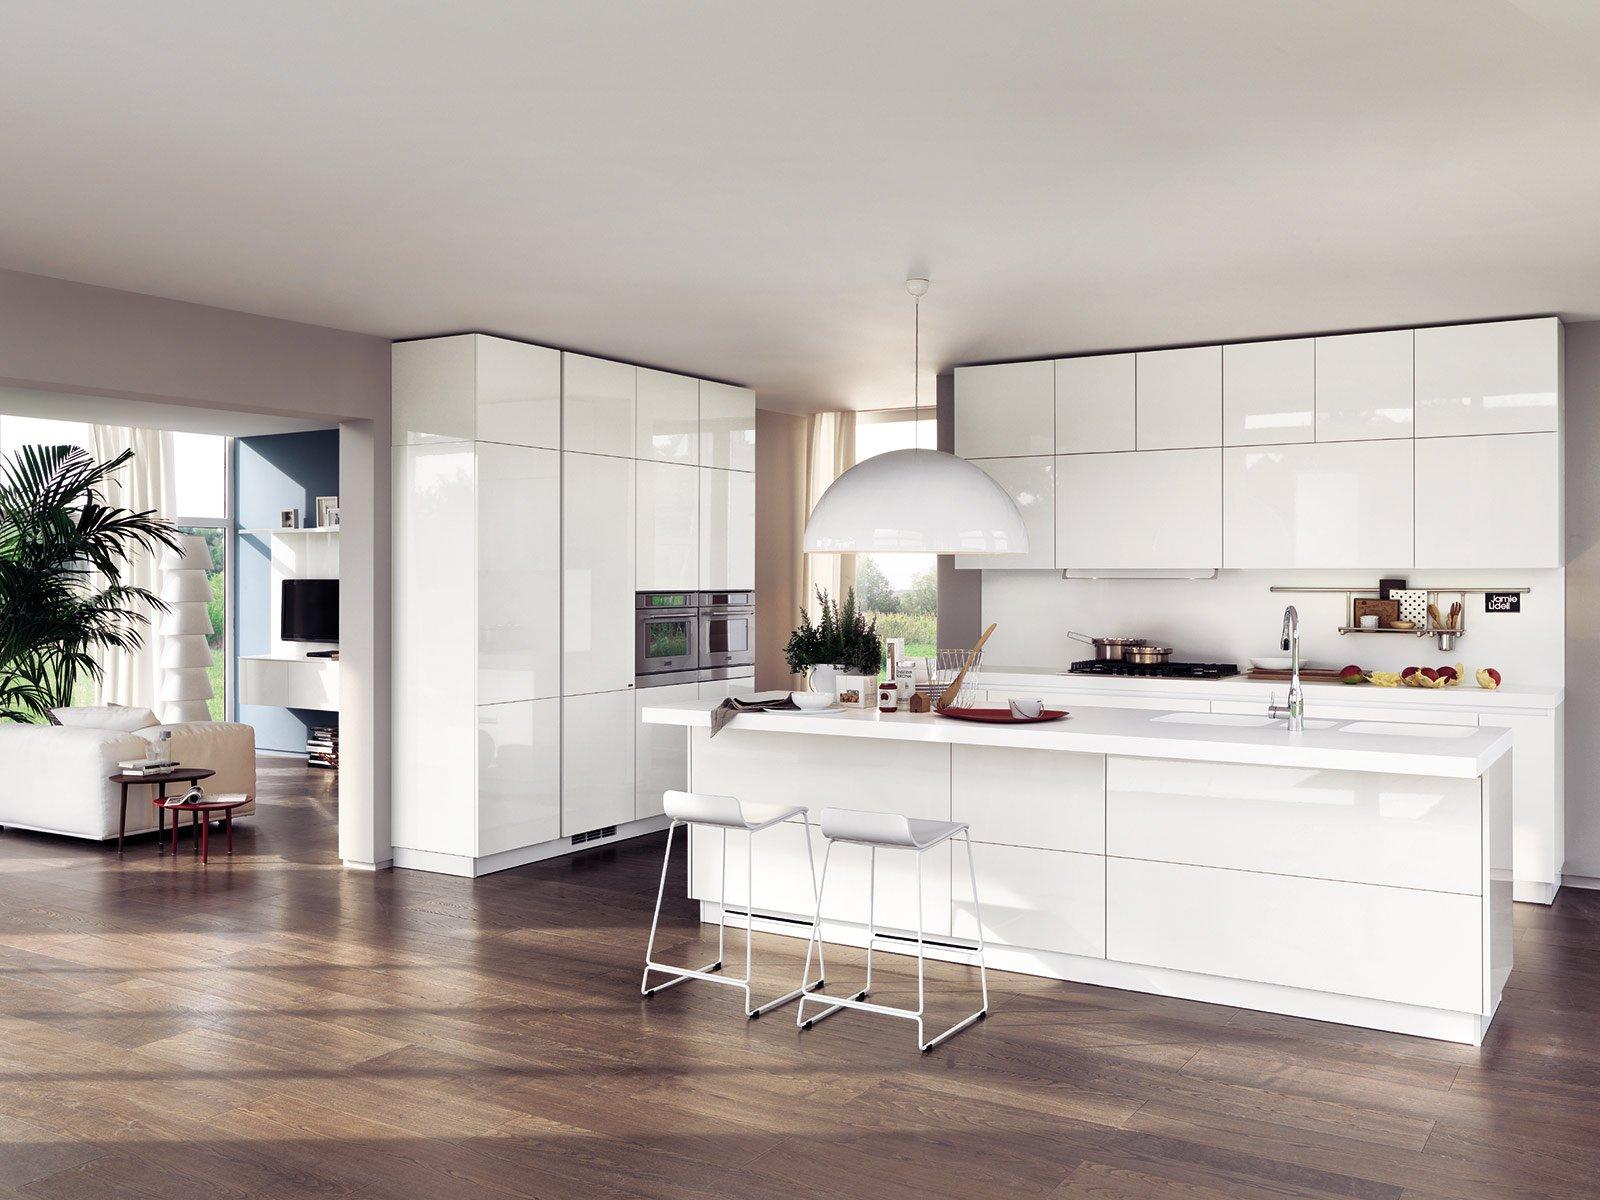 La cucina con l 39 isola monocromatica o bicolore cose di casa for Piani di cucina con isola e camminare in dispensa